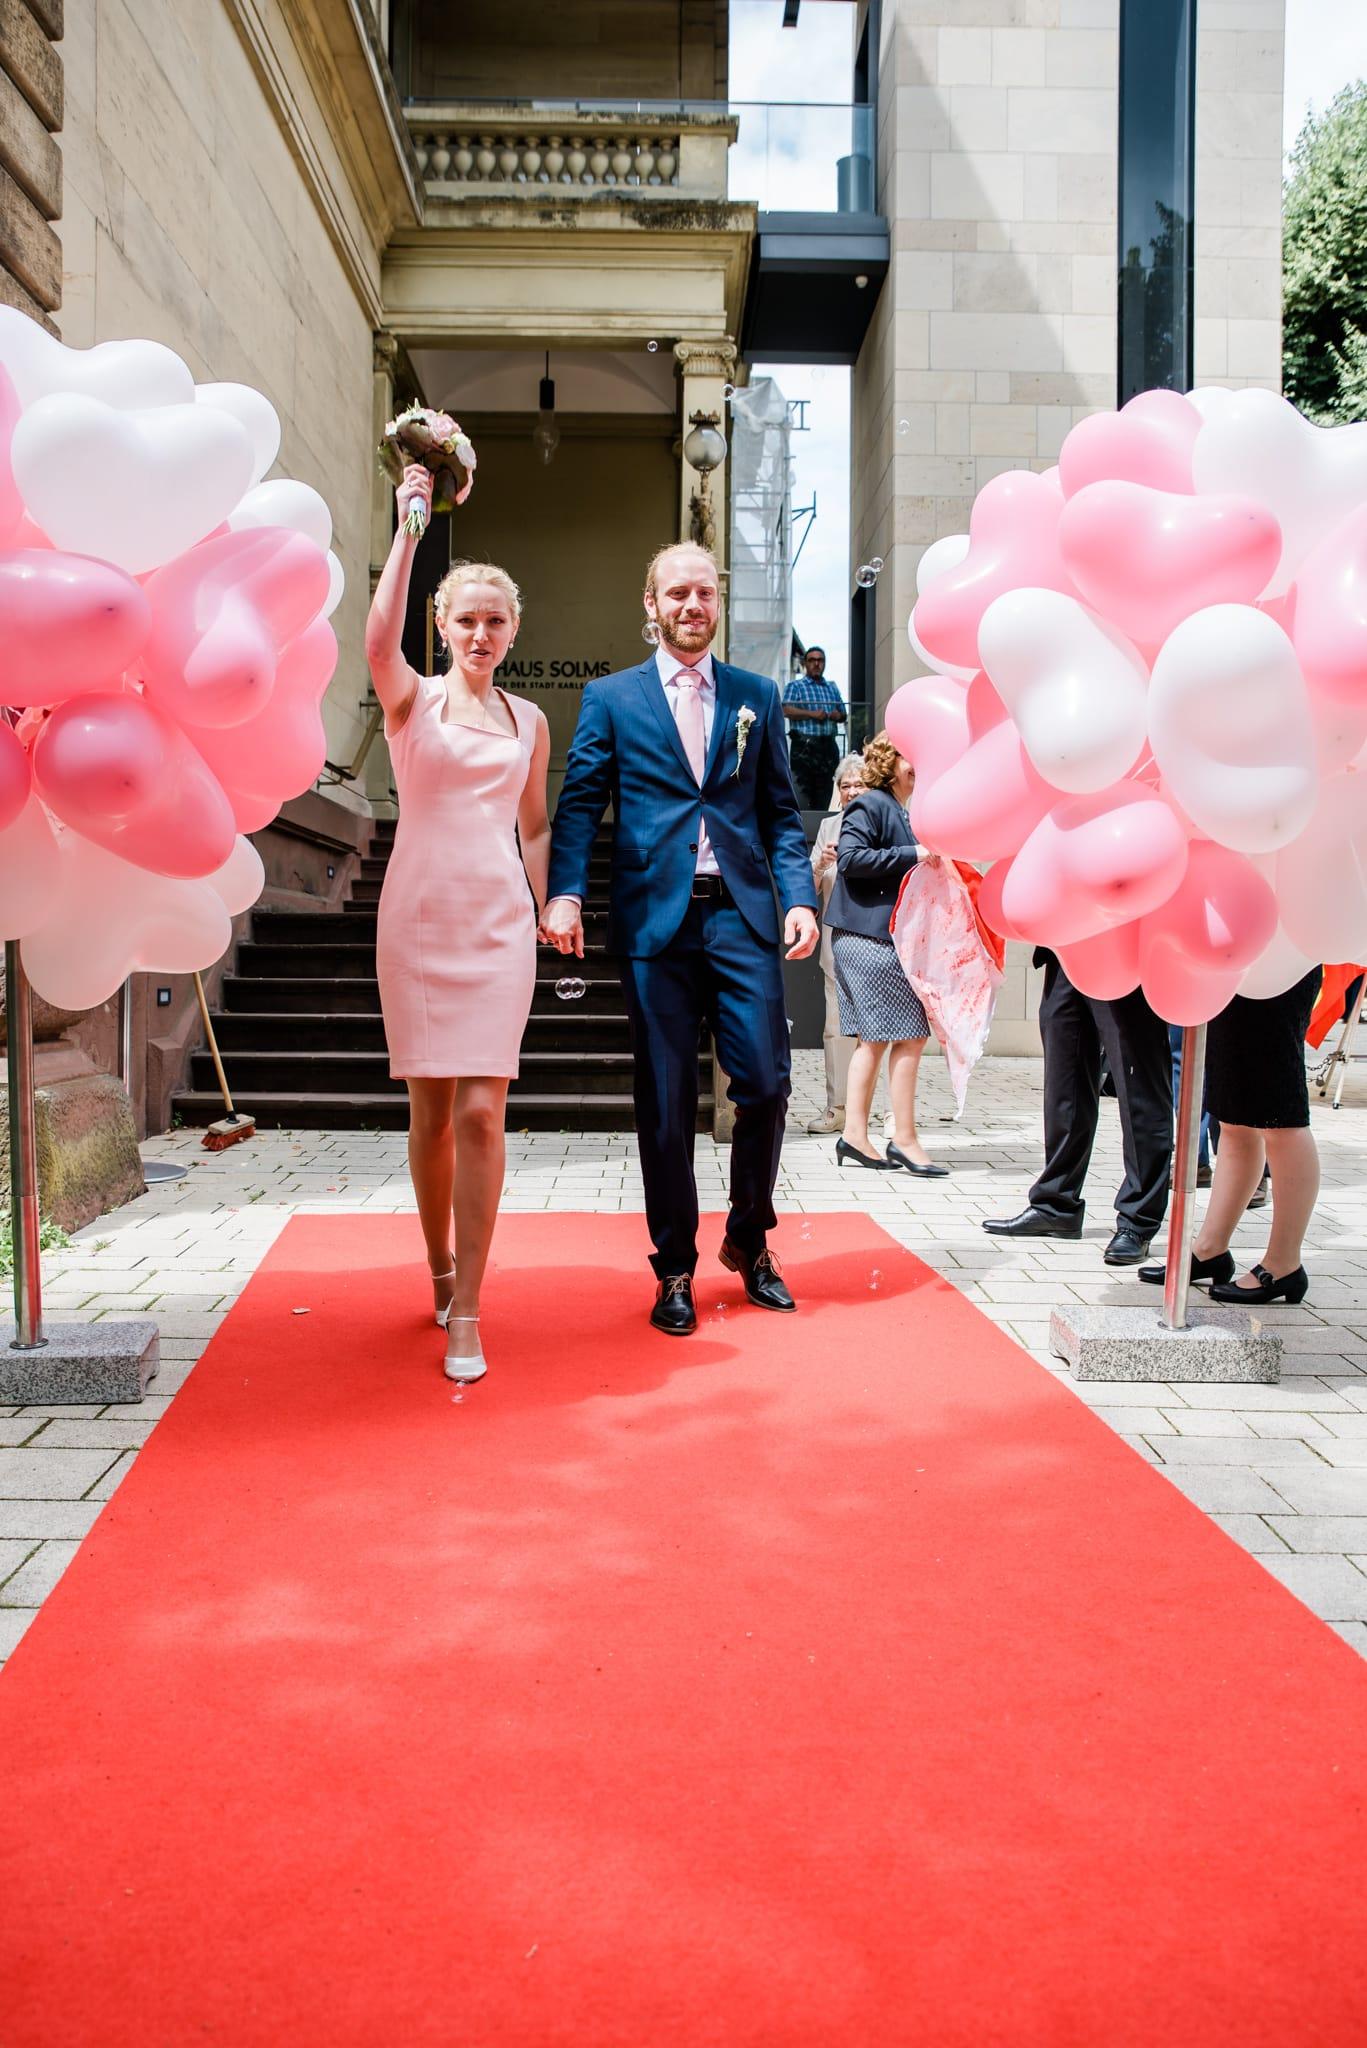 MaMa Wedding Hochzeitsfotografie Nadin und Nils 22